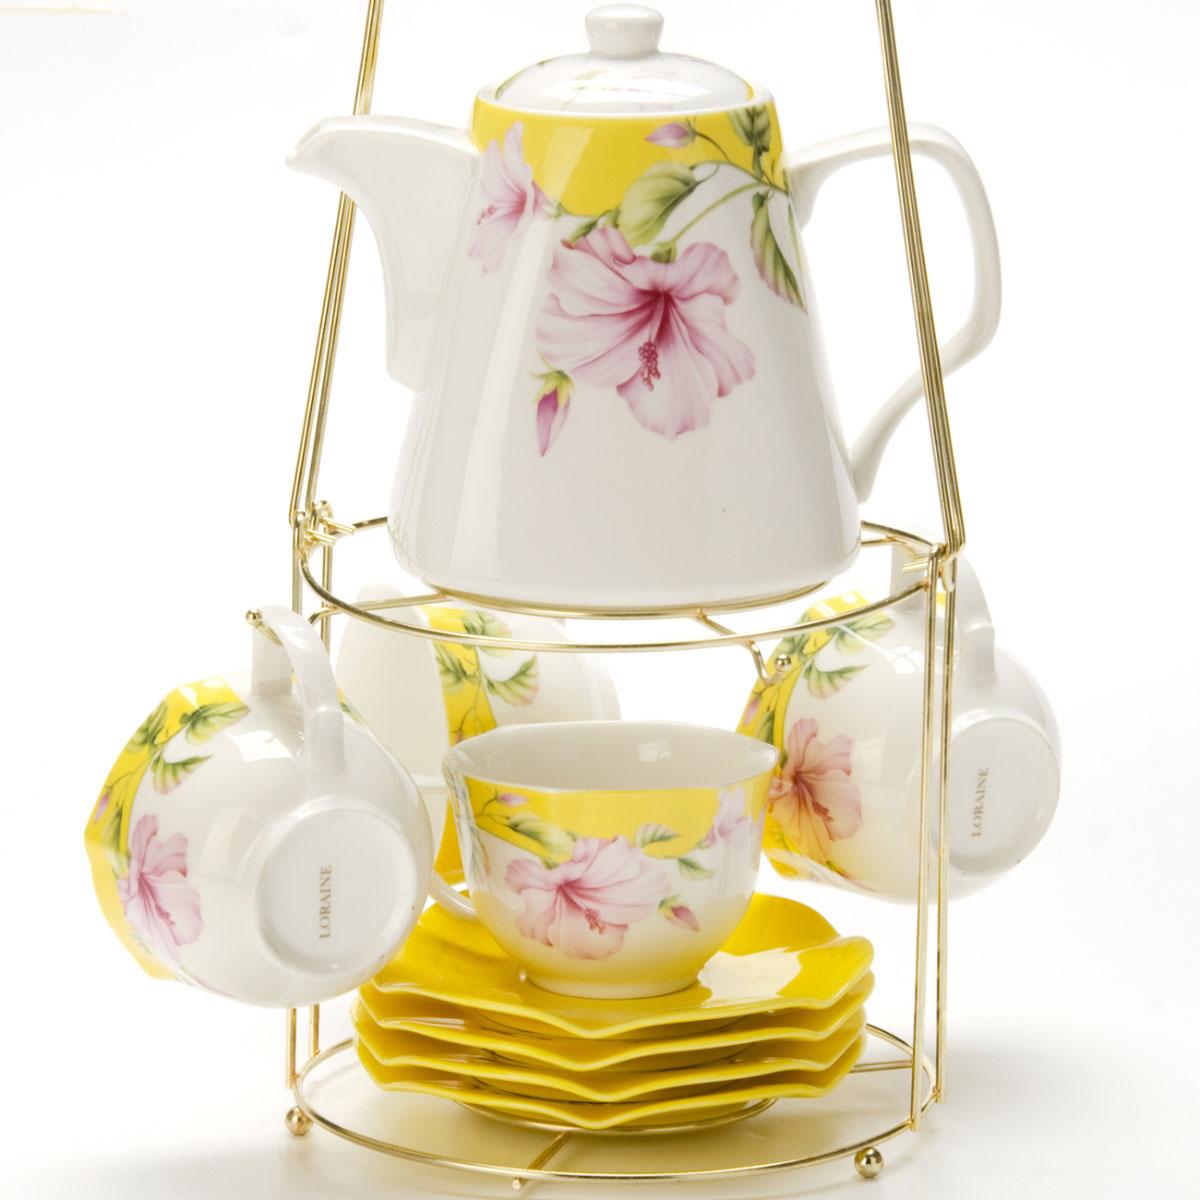 Набор чайный Mayer & Boch, на подставке, 9 предметов. 2473624736Чайный набор LORAINE состоит из 4 чашек, 4 блюдец и заварочного чайника (1,1 л). Предметы набора изготовлены из керамики и оформлены изображением цветов. Все предметы располагаются на удобной металлической подставке с ручкой. Элегантный дизайн набора придется по вкусу и ценителям классики, и тем, кто предпочитает утонченность и изысканность. Он настроит на позитивный лад и подарит хорошее настроение с самого утра. Чайный набор LORAINE идеально подойдет для сервировки стола и станет отличным подарком к любому празднику.